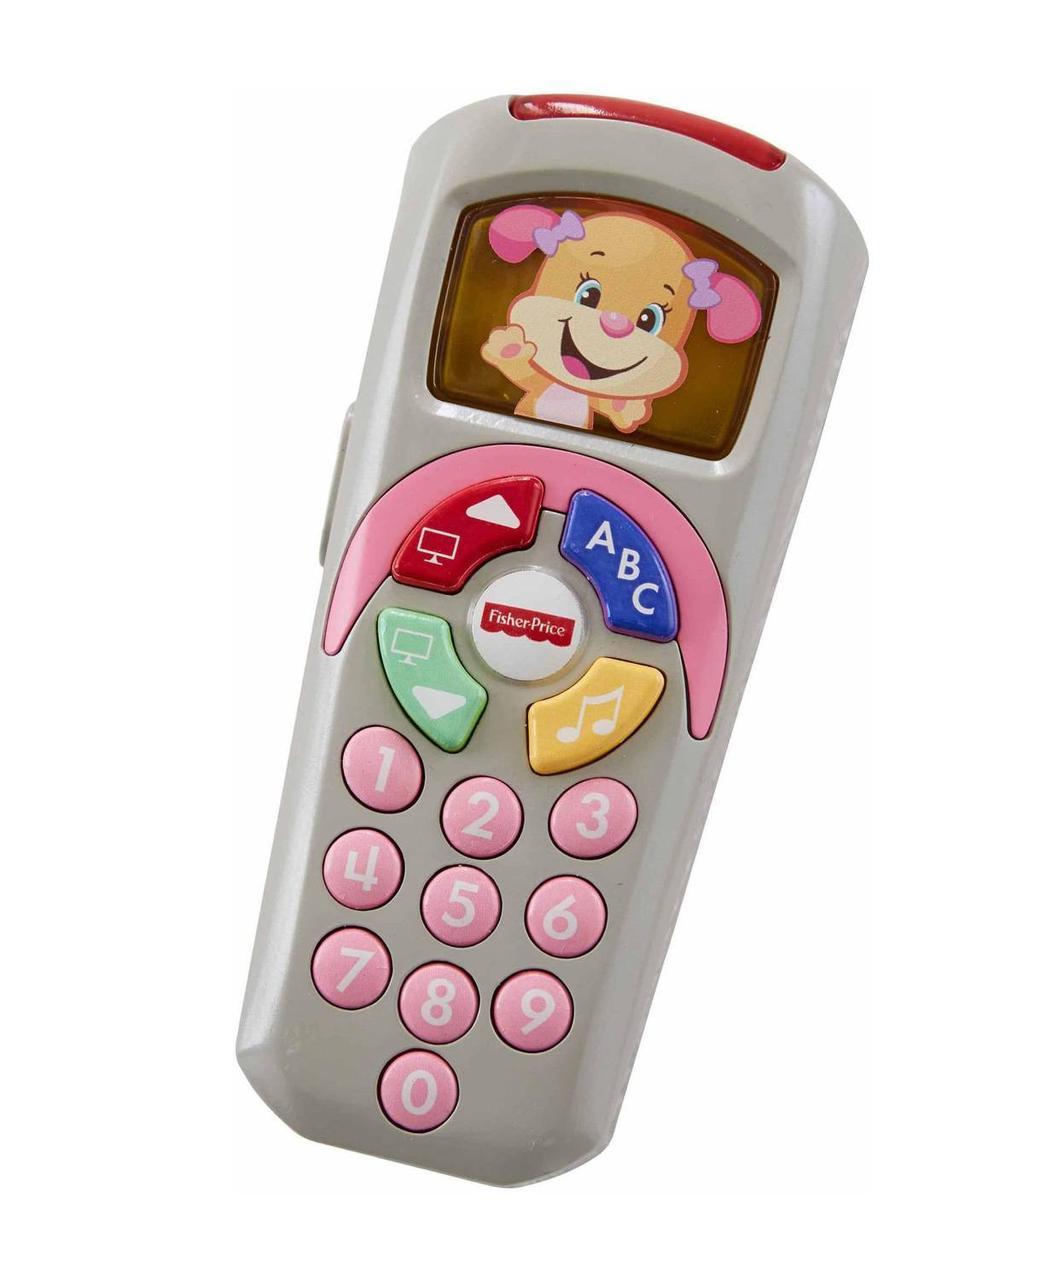 Розвиваюча іграшка Fisher Price Розумний пульт рожевий (рос. мова) DLK75